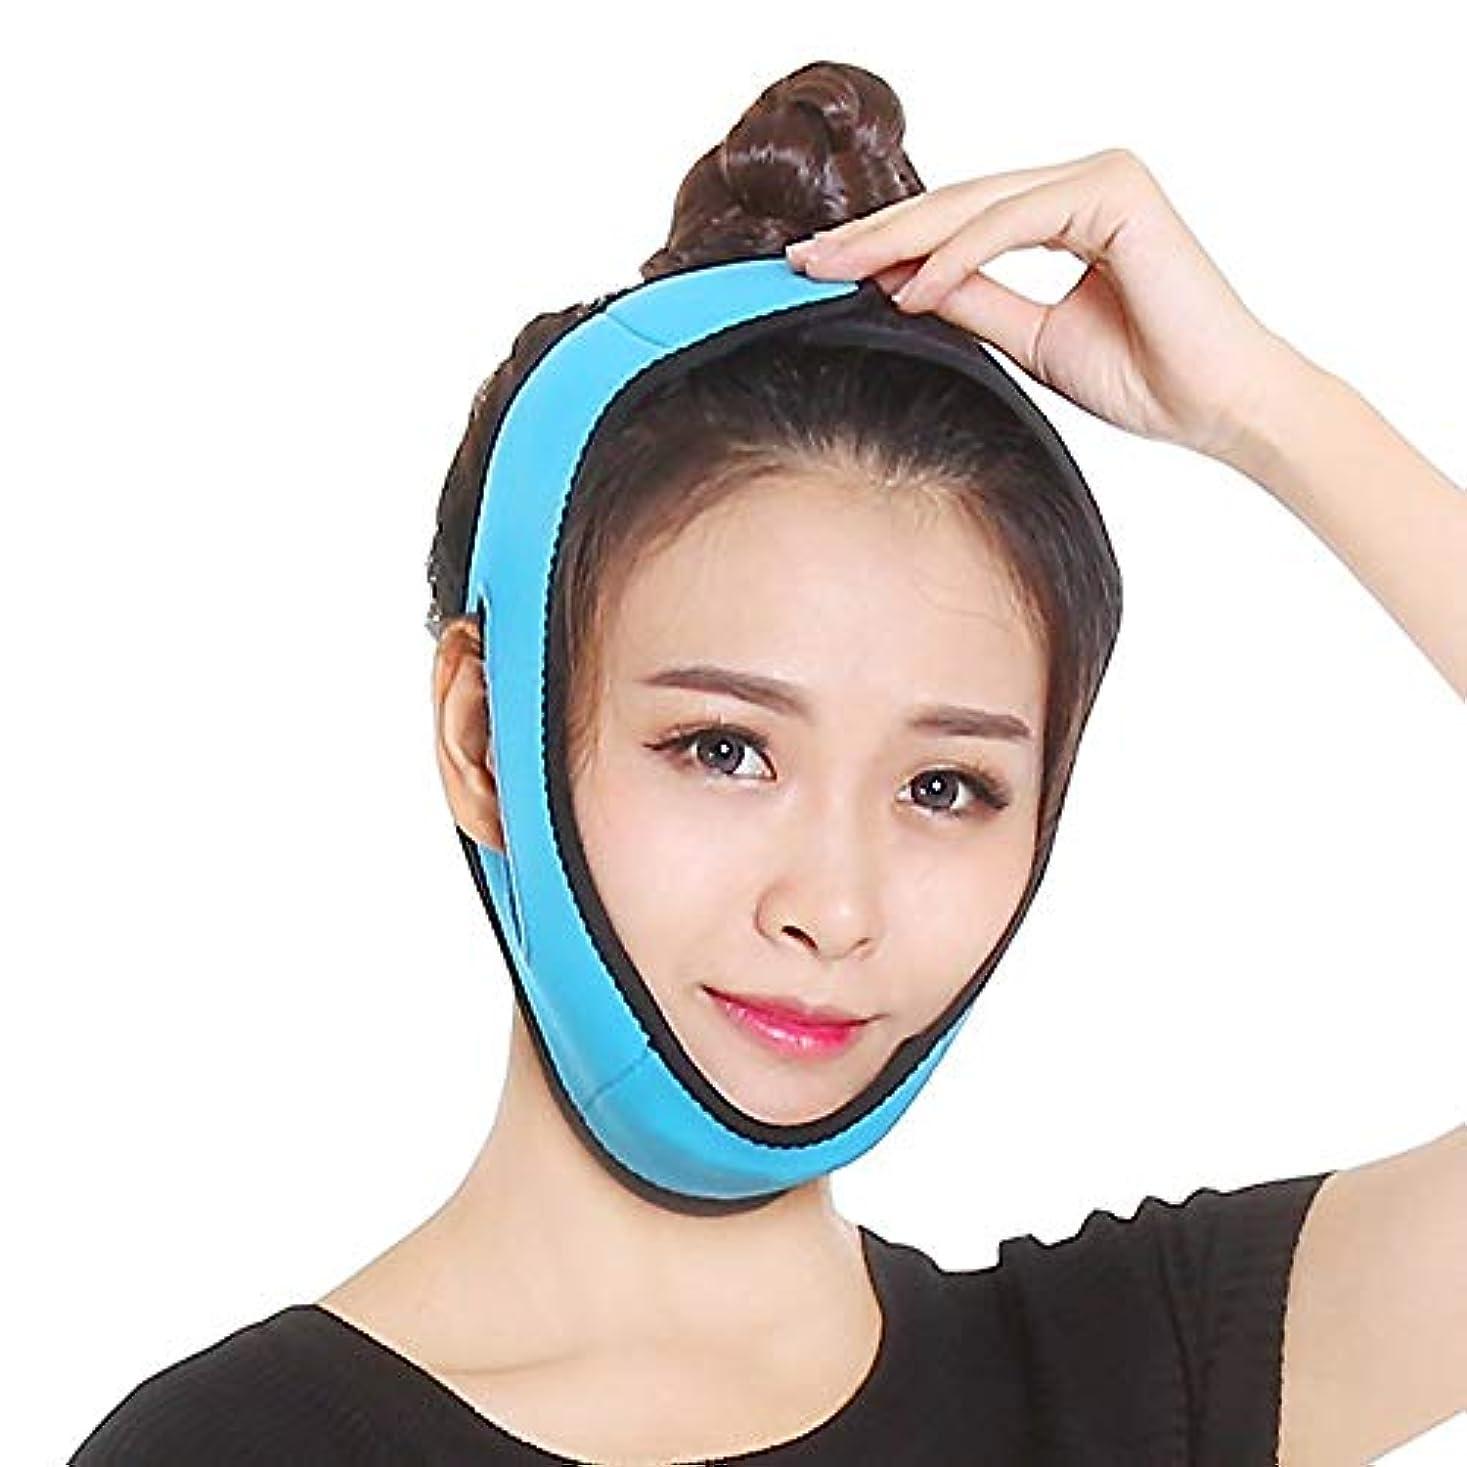 忠実な懐疑的注目すべきMinmin フェイシャルリフティングスリミングベルト - 薄いフェイス包帯二重あごデバイス無料フェイシャルマッサージ整形マスクを引き締める顔と首の顔スリム みんみんVラインフェイスマスク